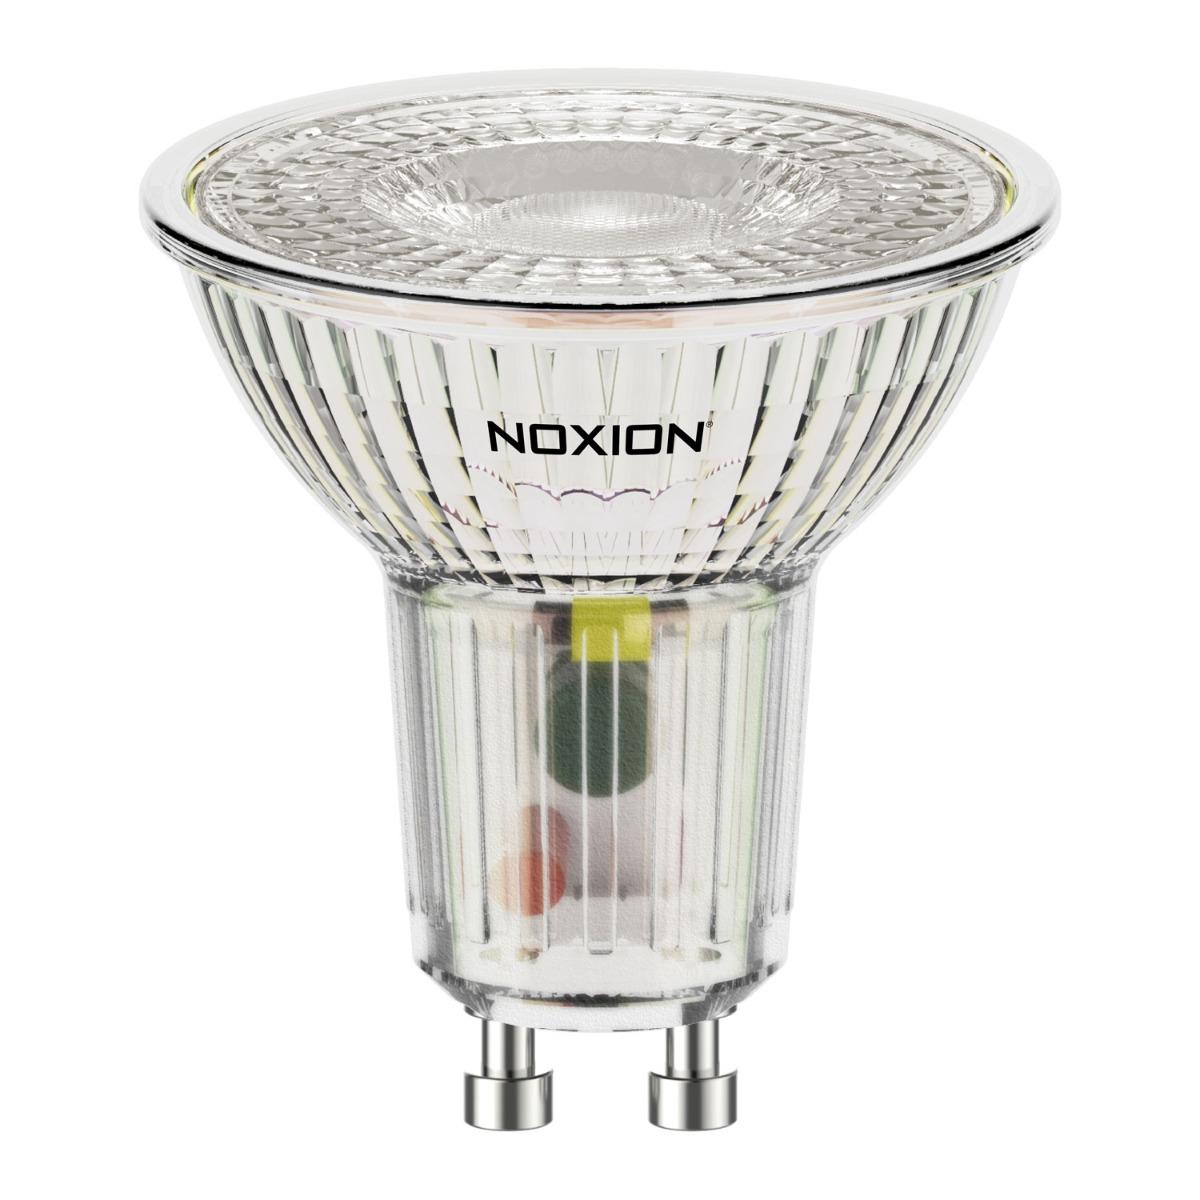 Noxion LED Spot GU10 4W 840 36D 400lm | Koel Wit - Vervangt 50W